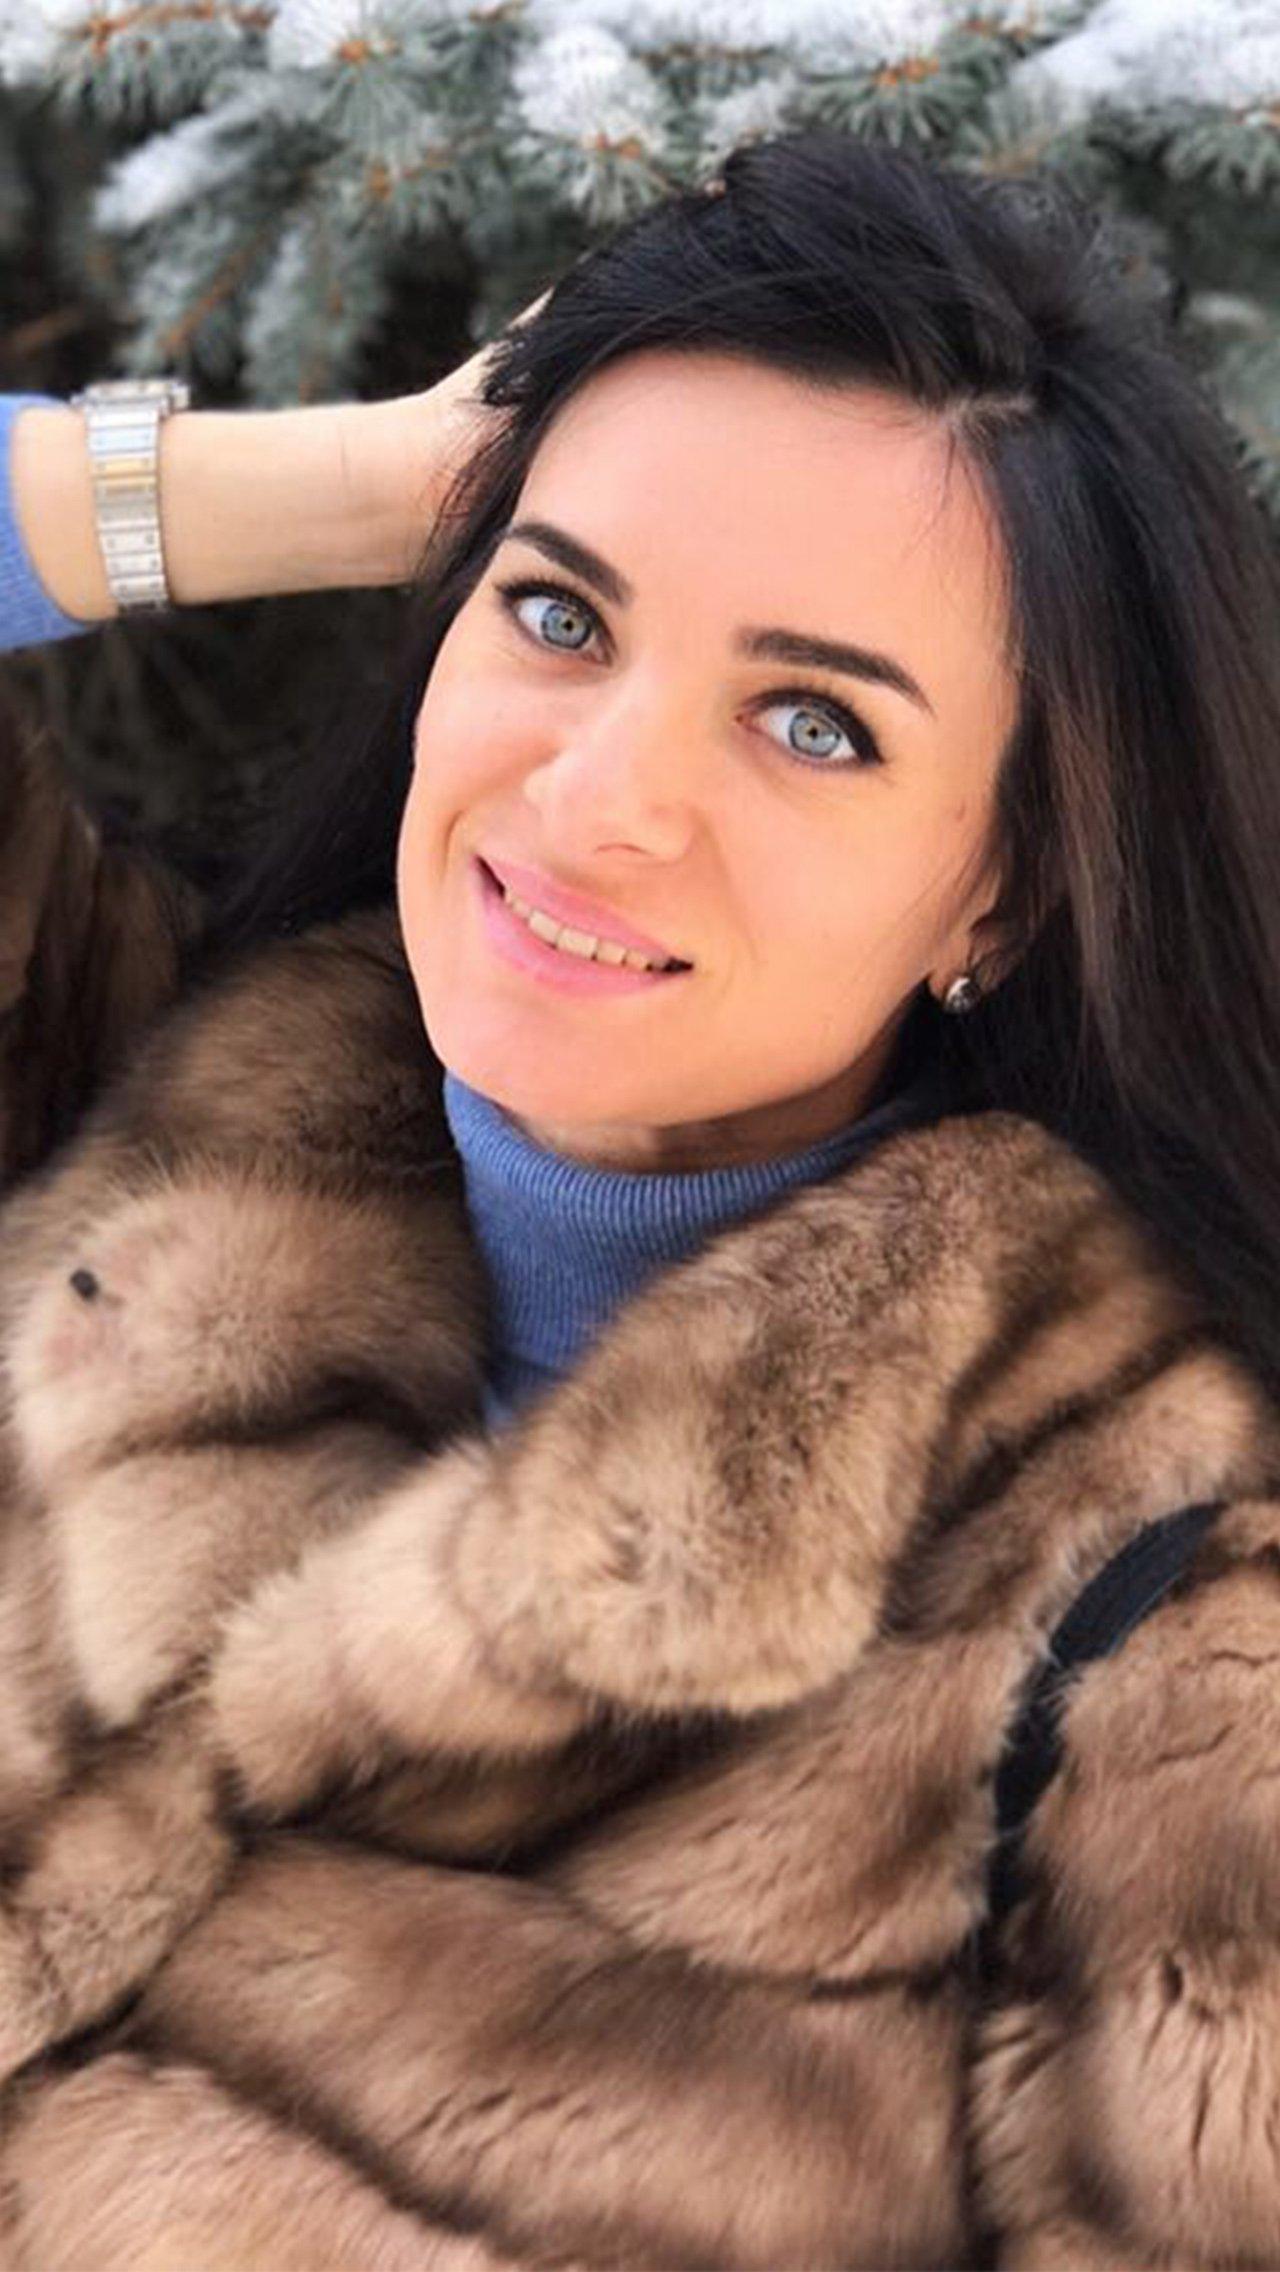 Впрочем, в последнее время Исинбаева попадает в новости, не связанные со спортом. Например, в феврале 2020 года Елена была включена в рабочую группу по поправкам в Конституцию РФ.